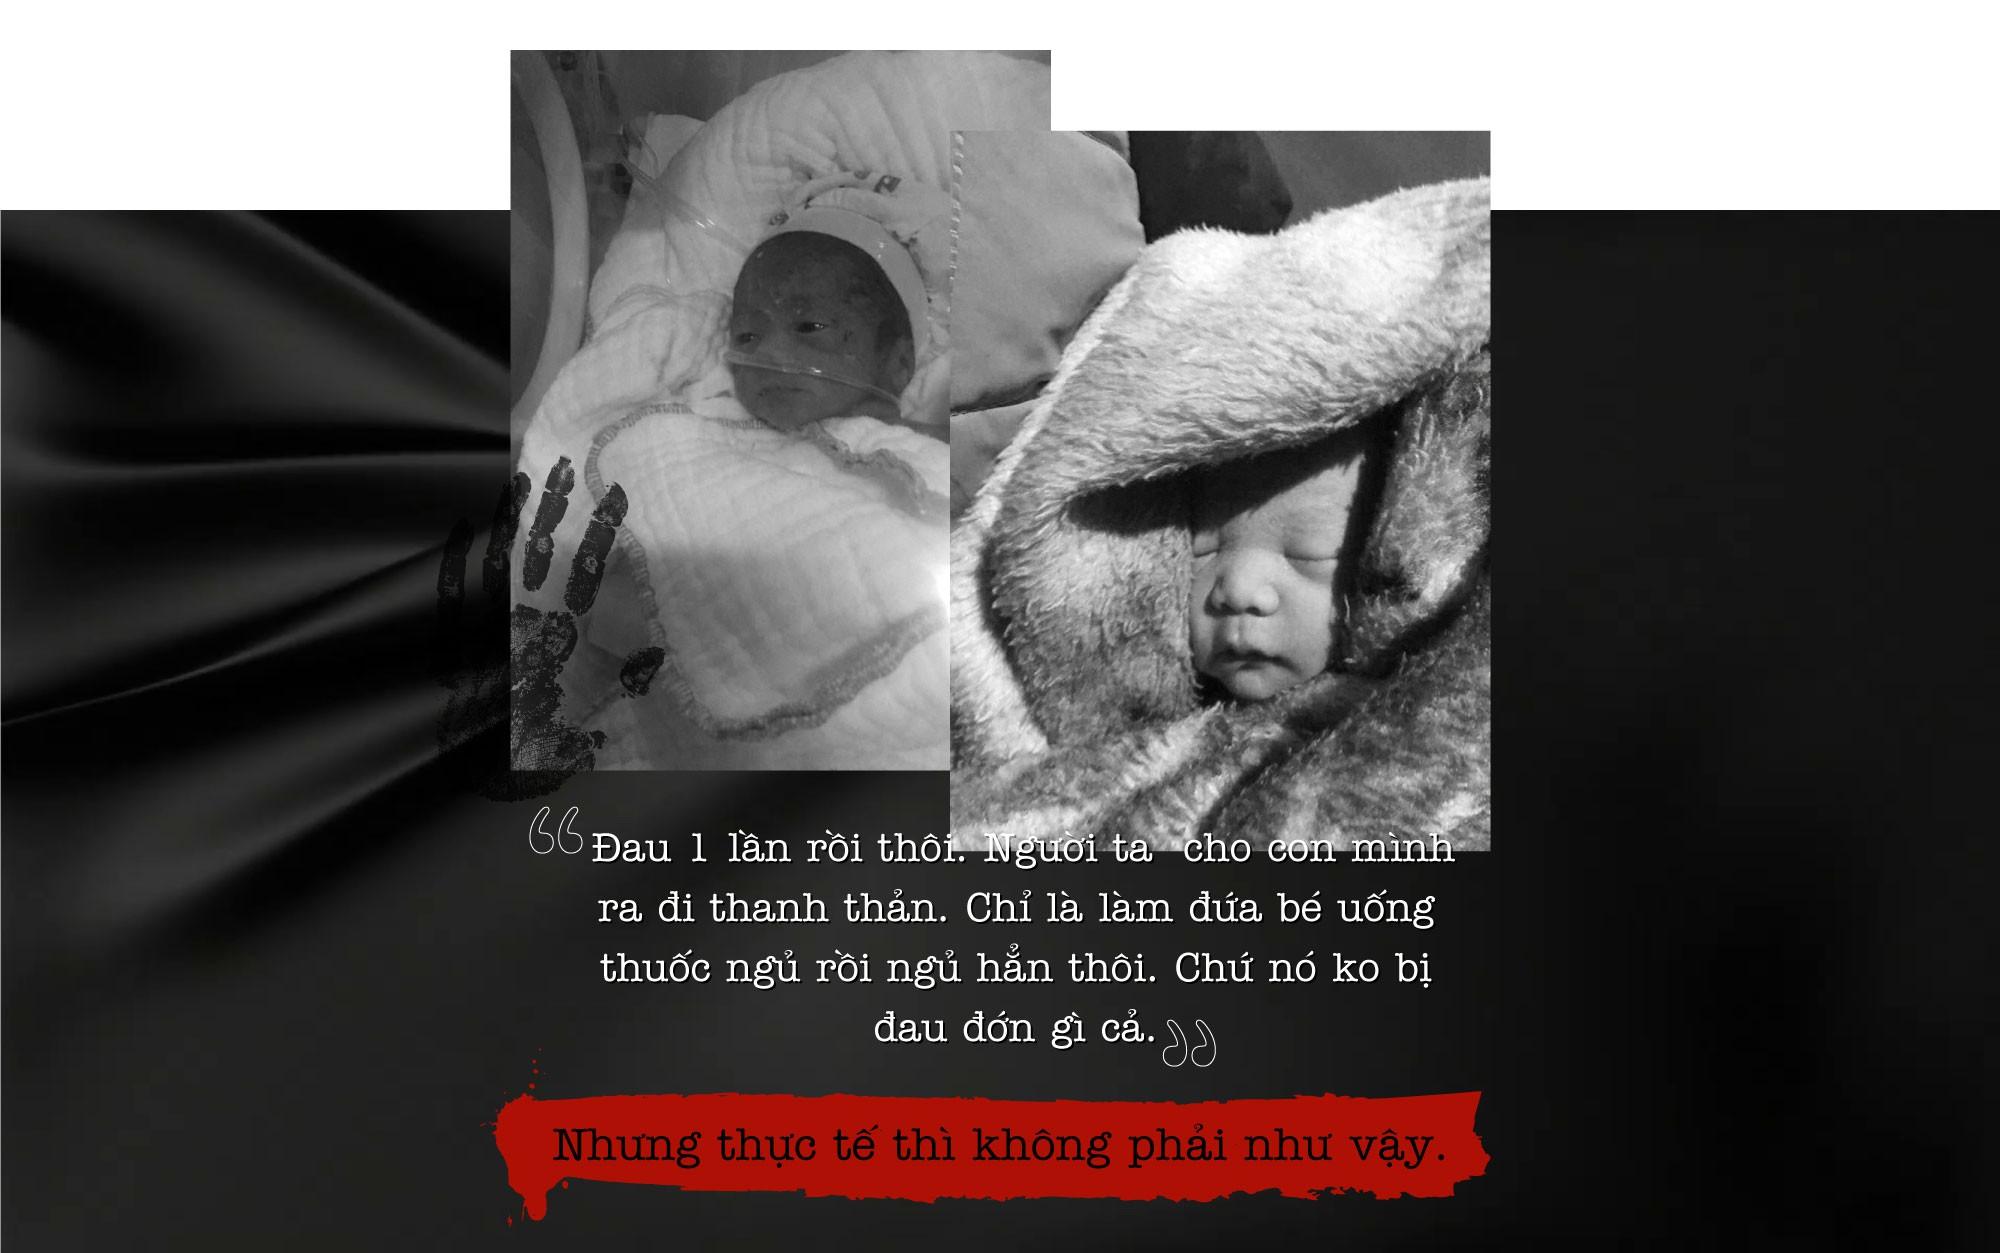 Câu chuyện về những đứa trẻ bị từ chối - Ảnh 10.